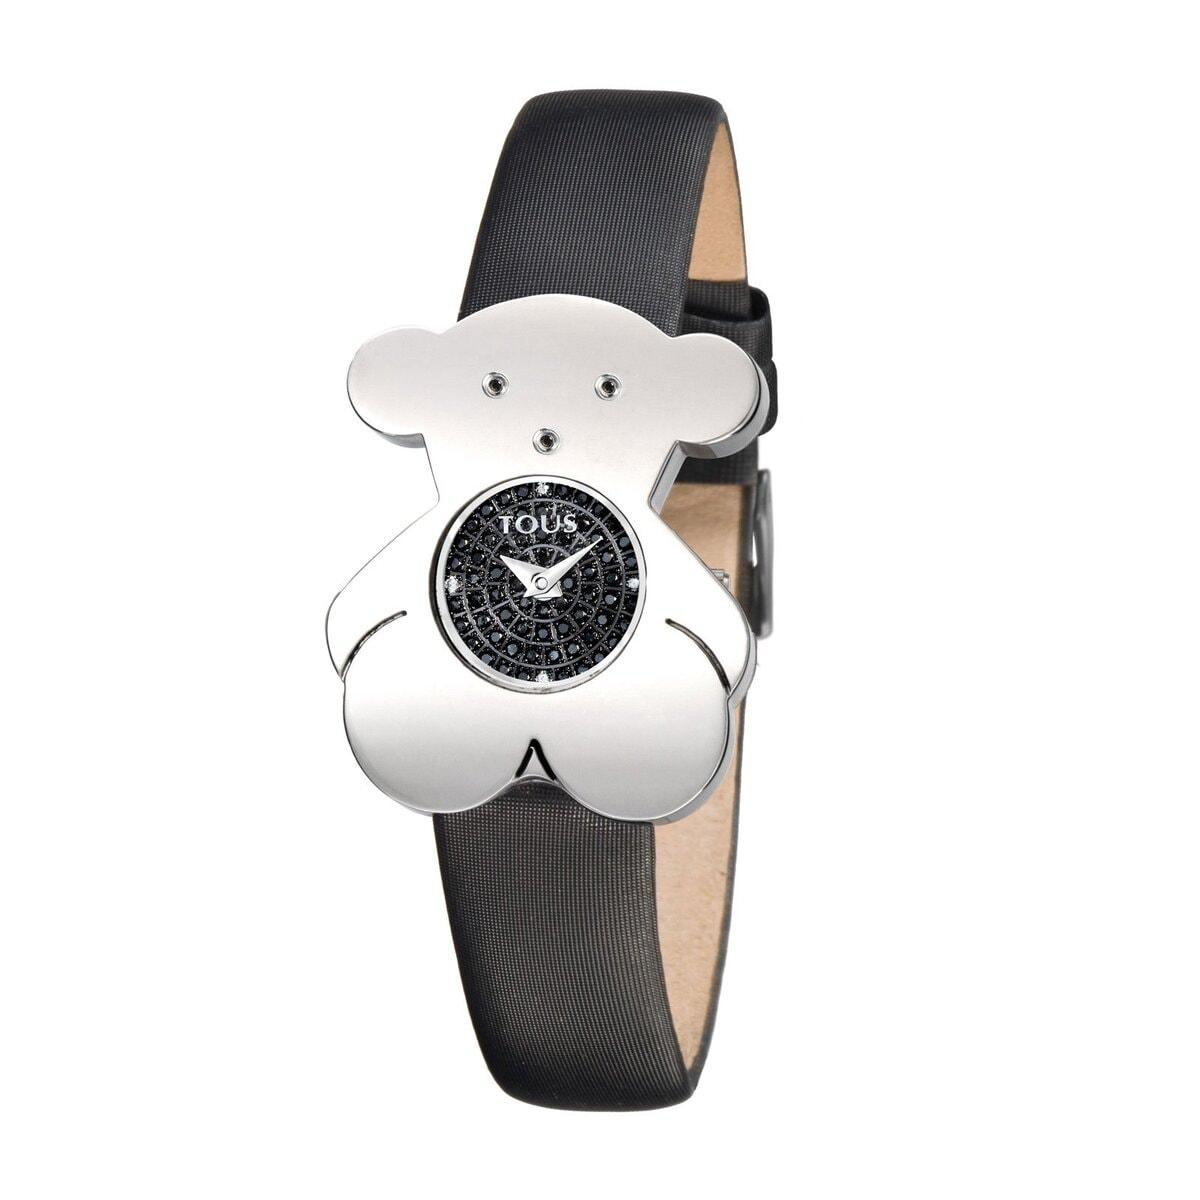 Relógio Tousy em Aço com Diamantes e correia de Cetim preta